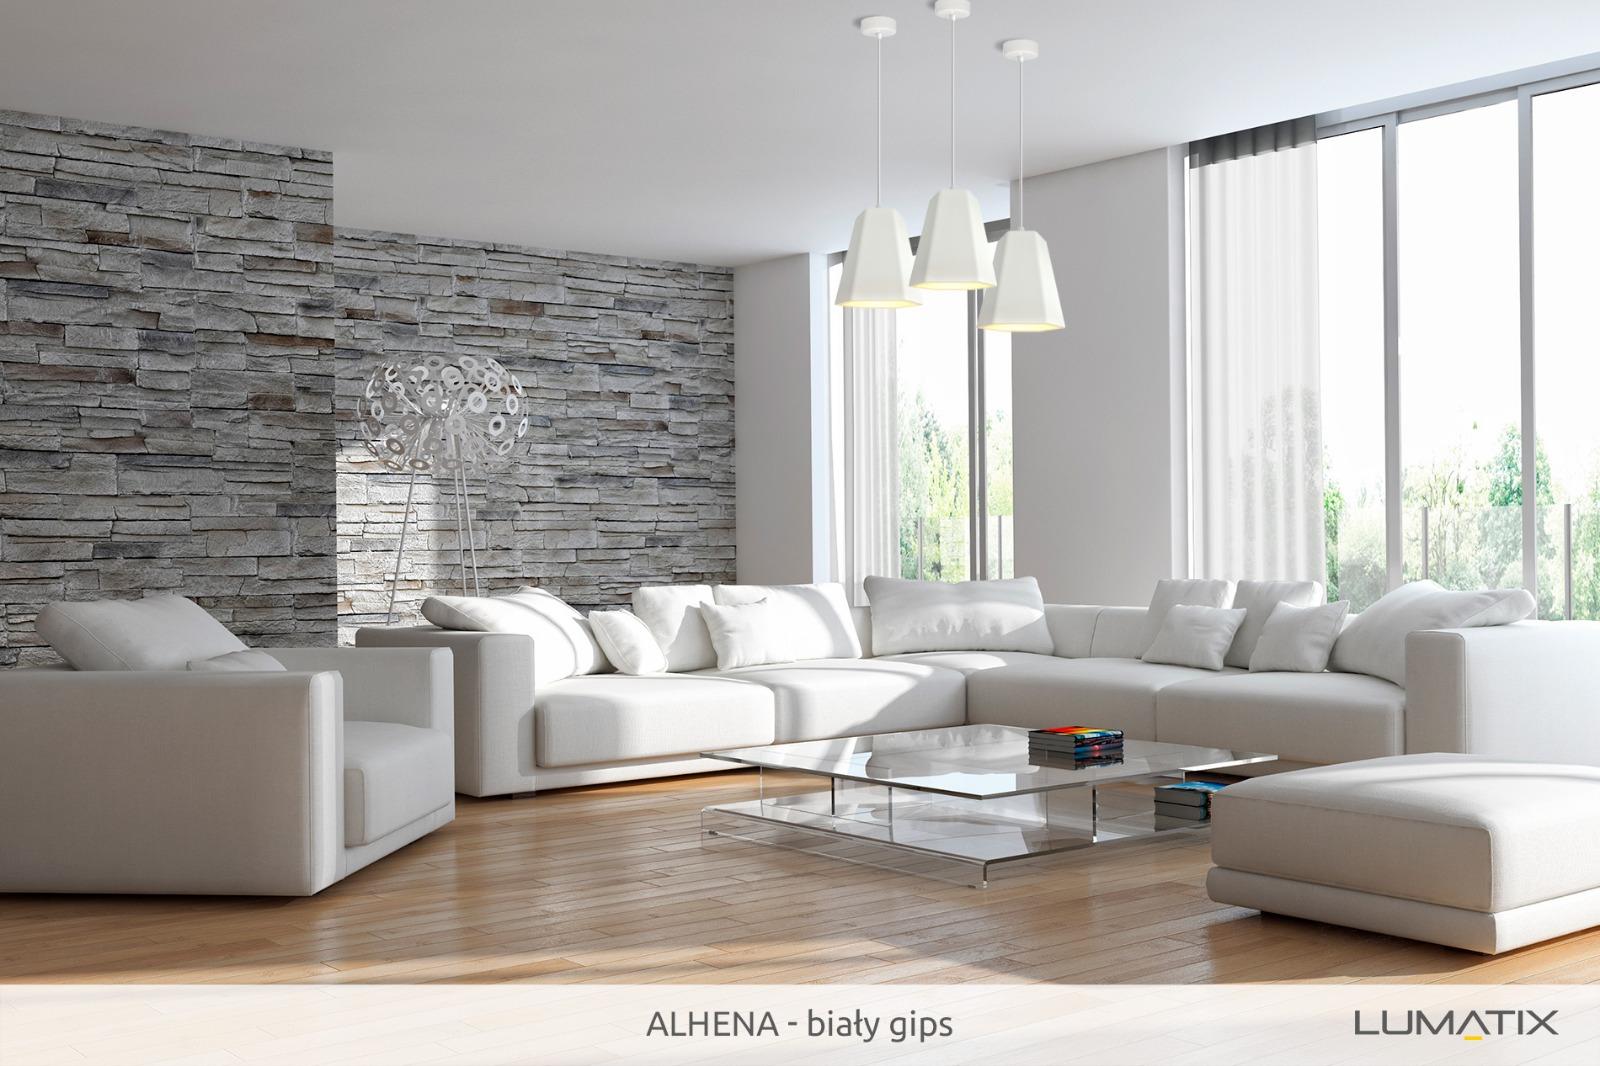 Aranżacja: Lampa Lumatix Alhena biały gips